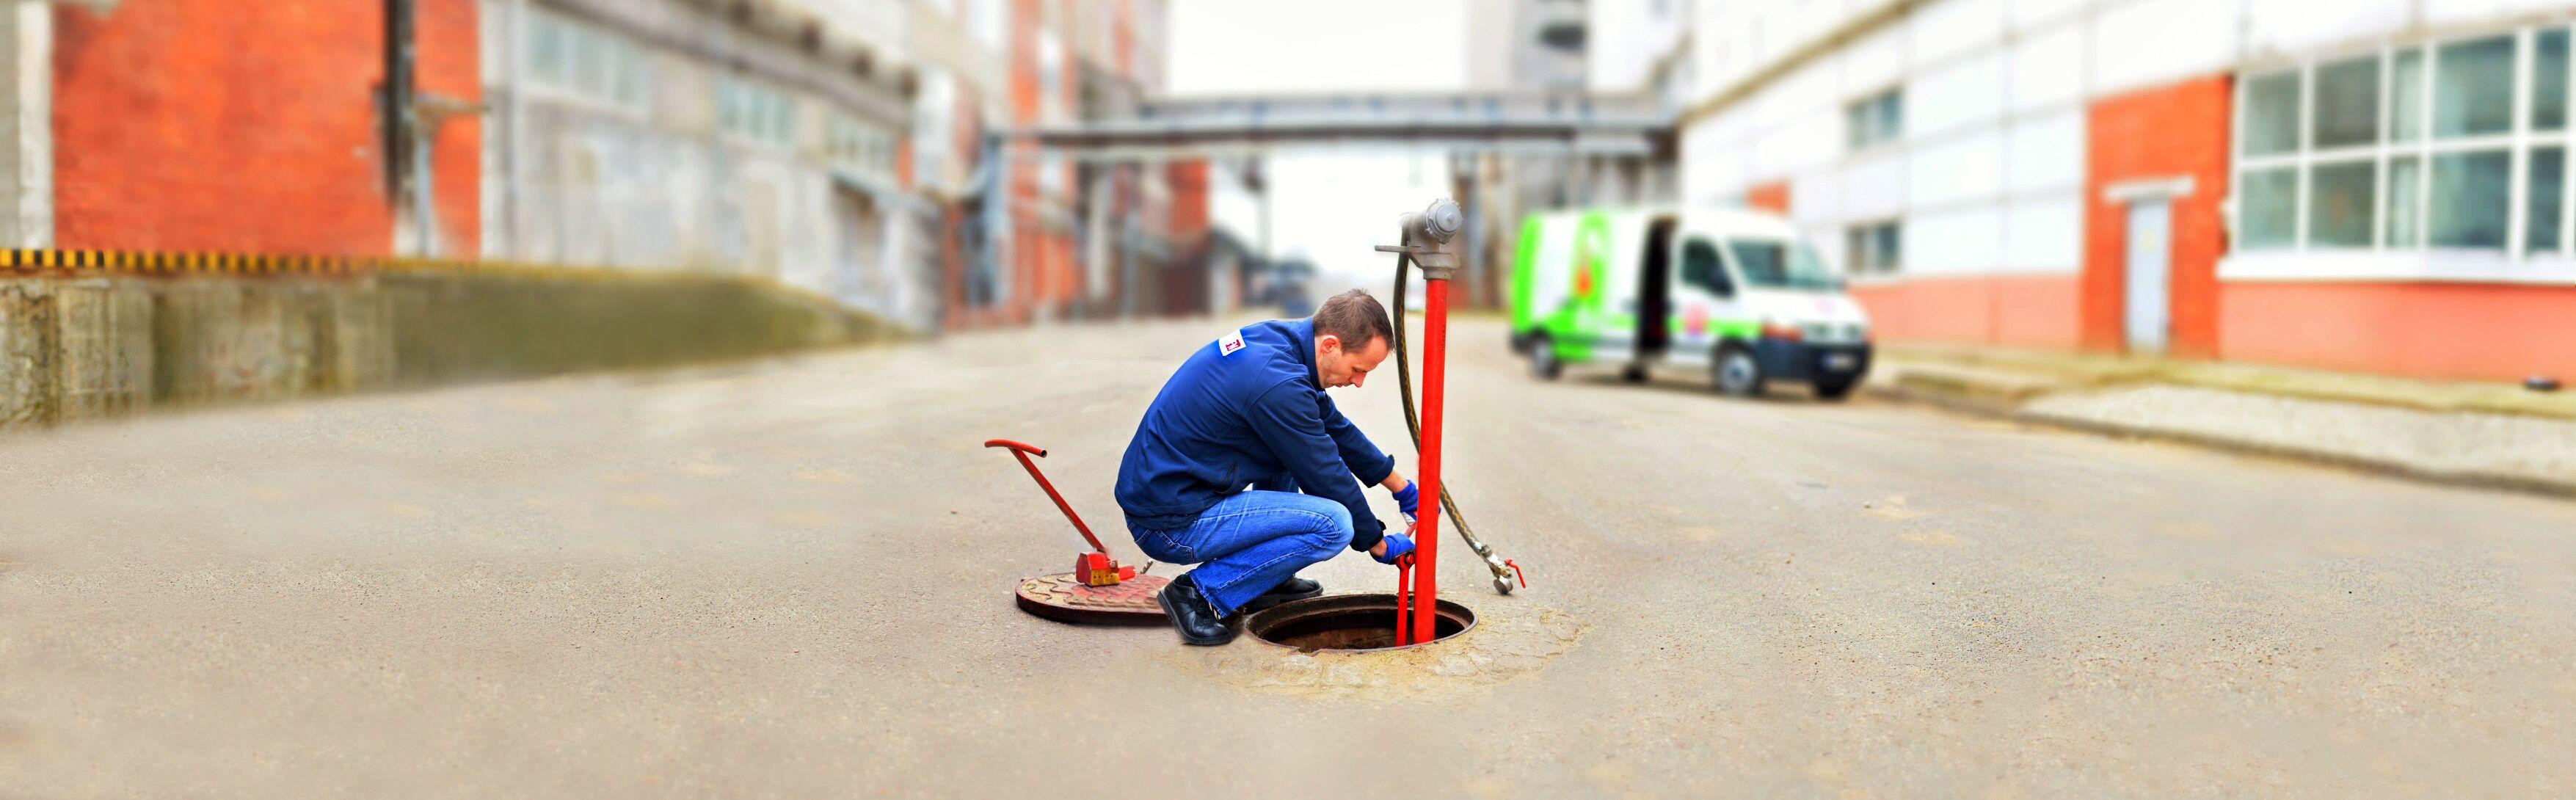 Lapa ugunsdzēsības hidrantu pārbaude